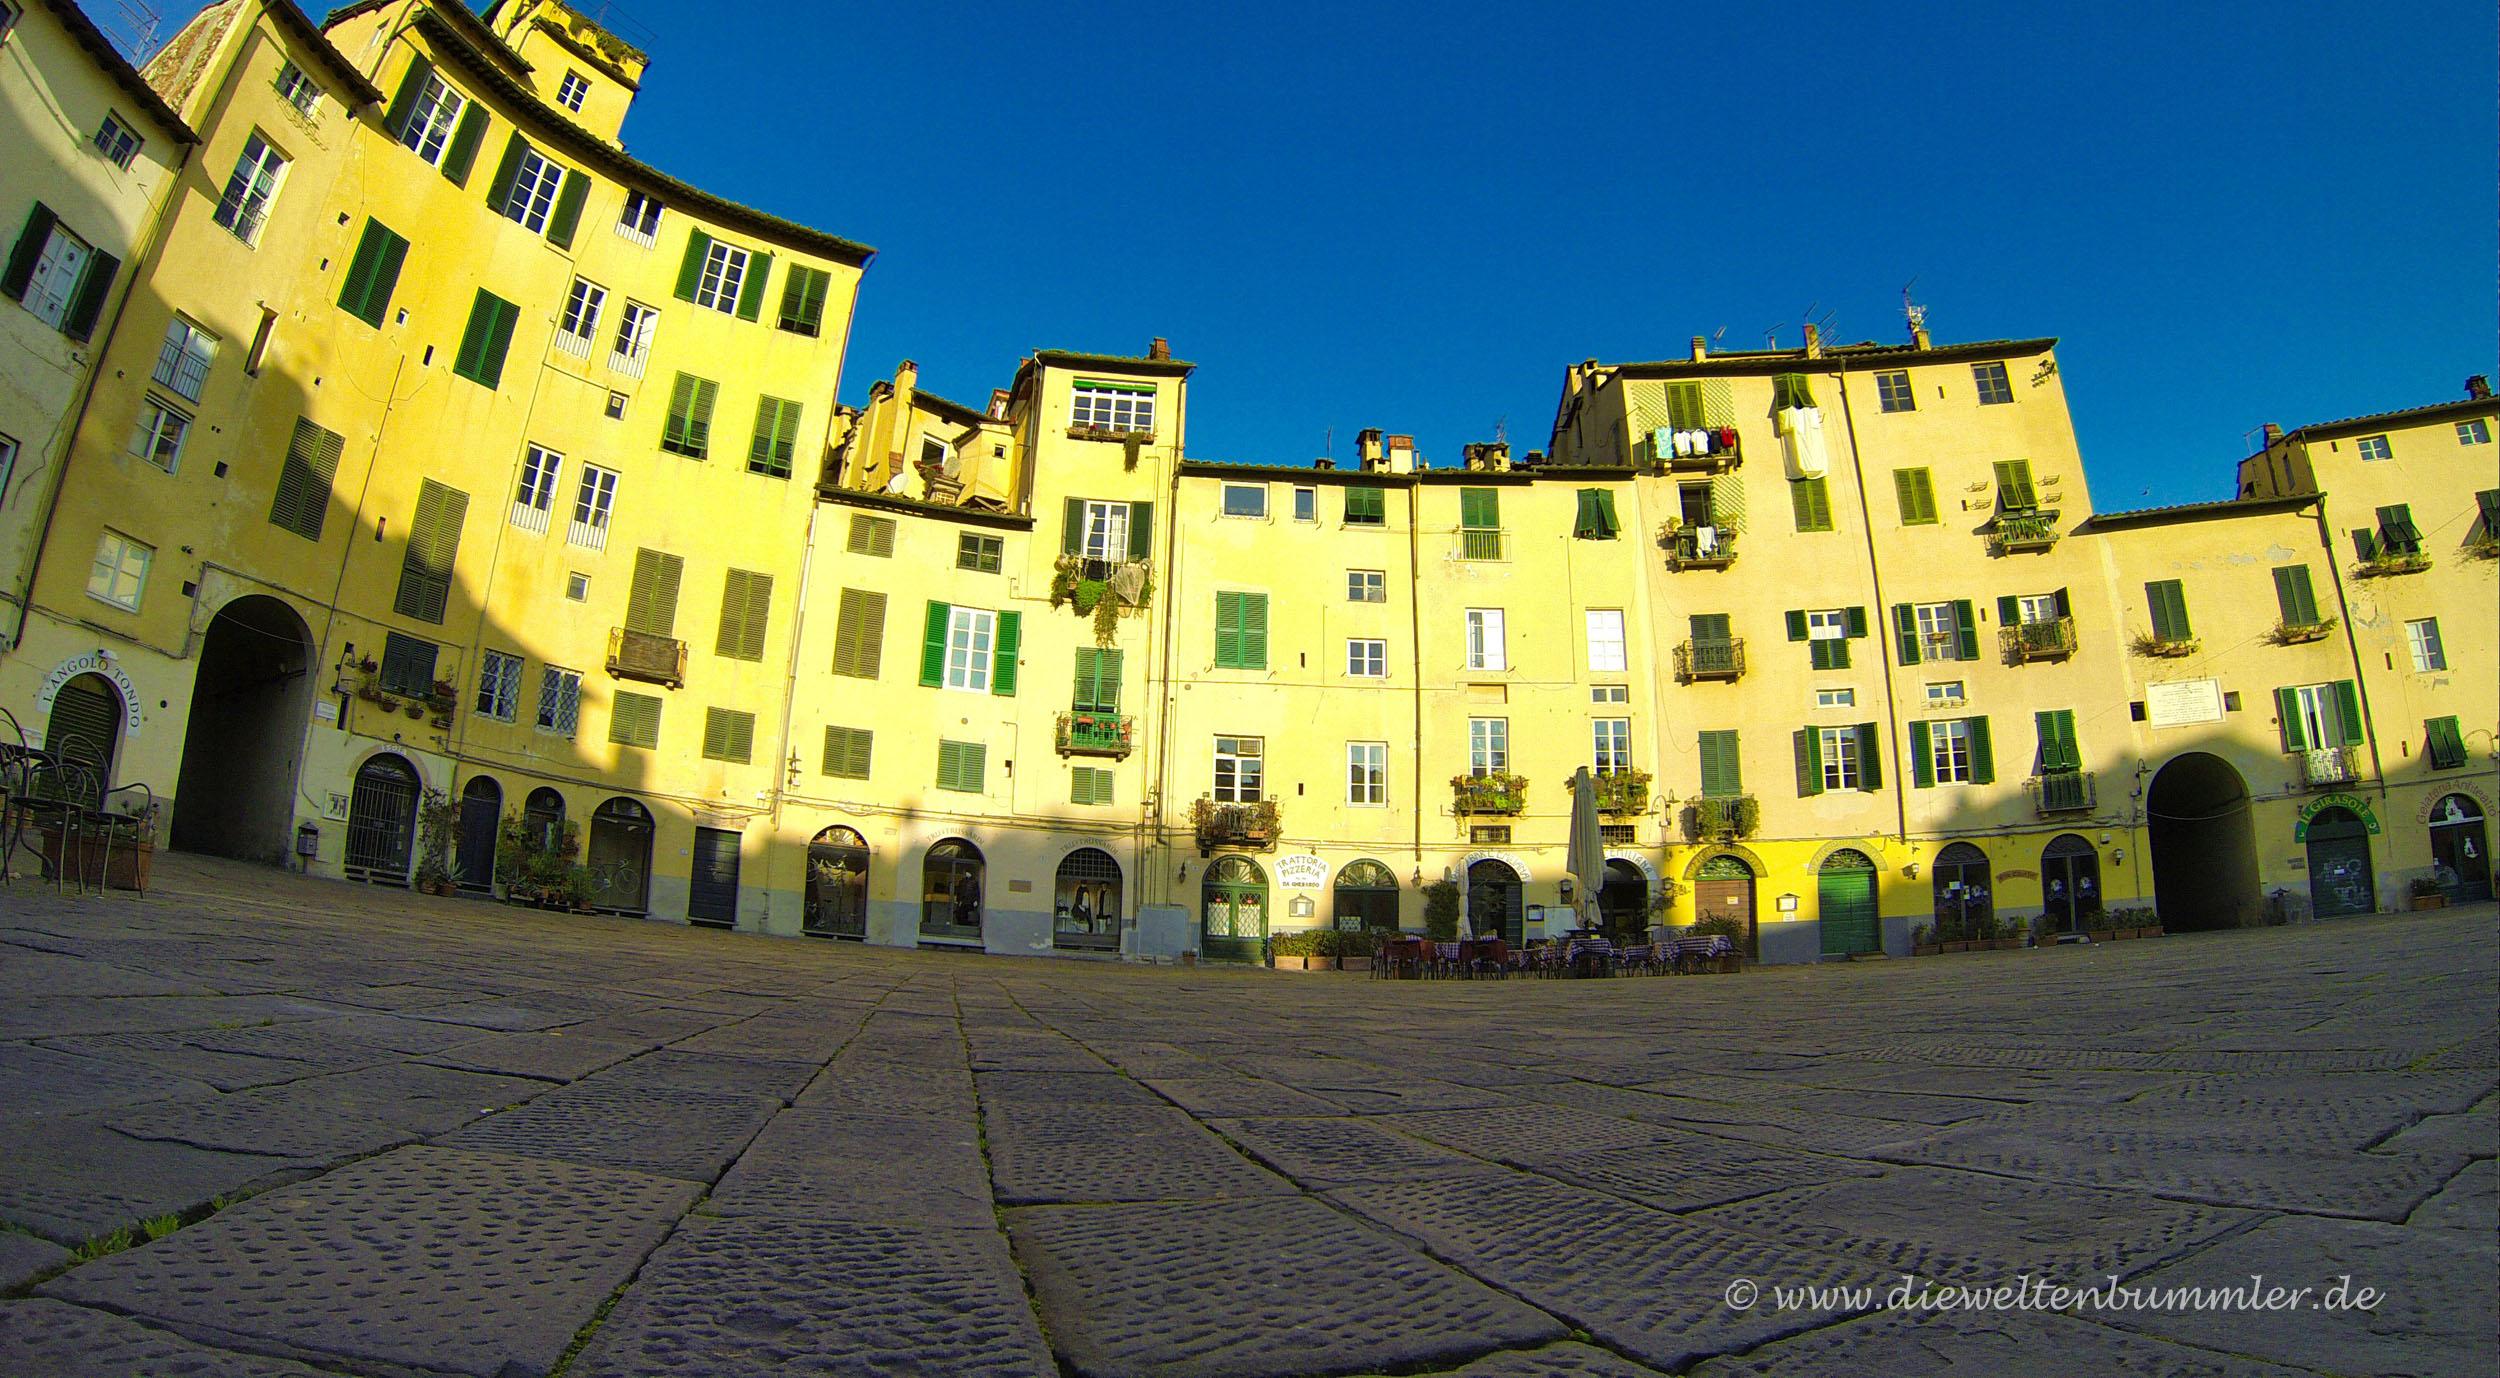 Häuserfront an der Piazza Anfiteatro